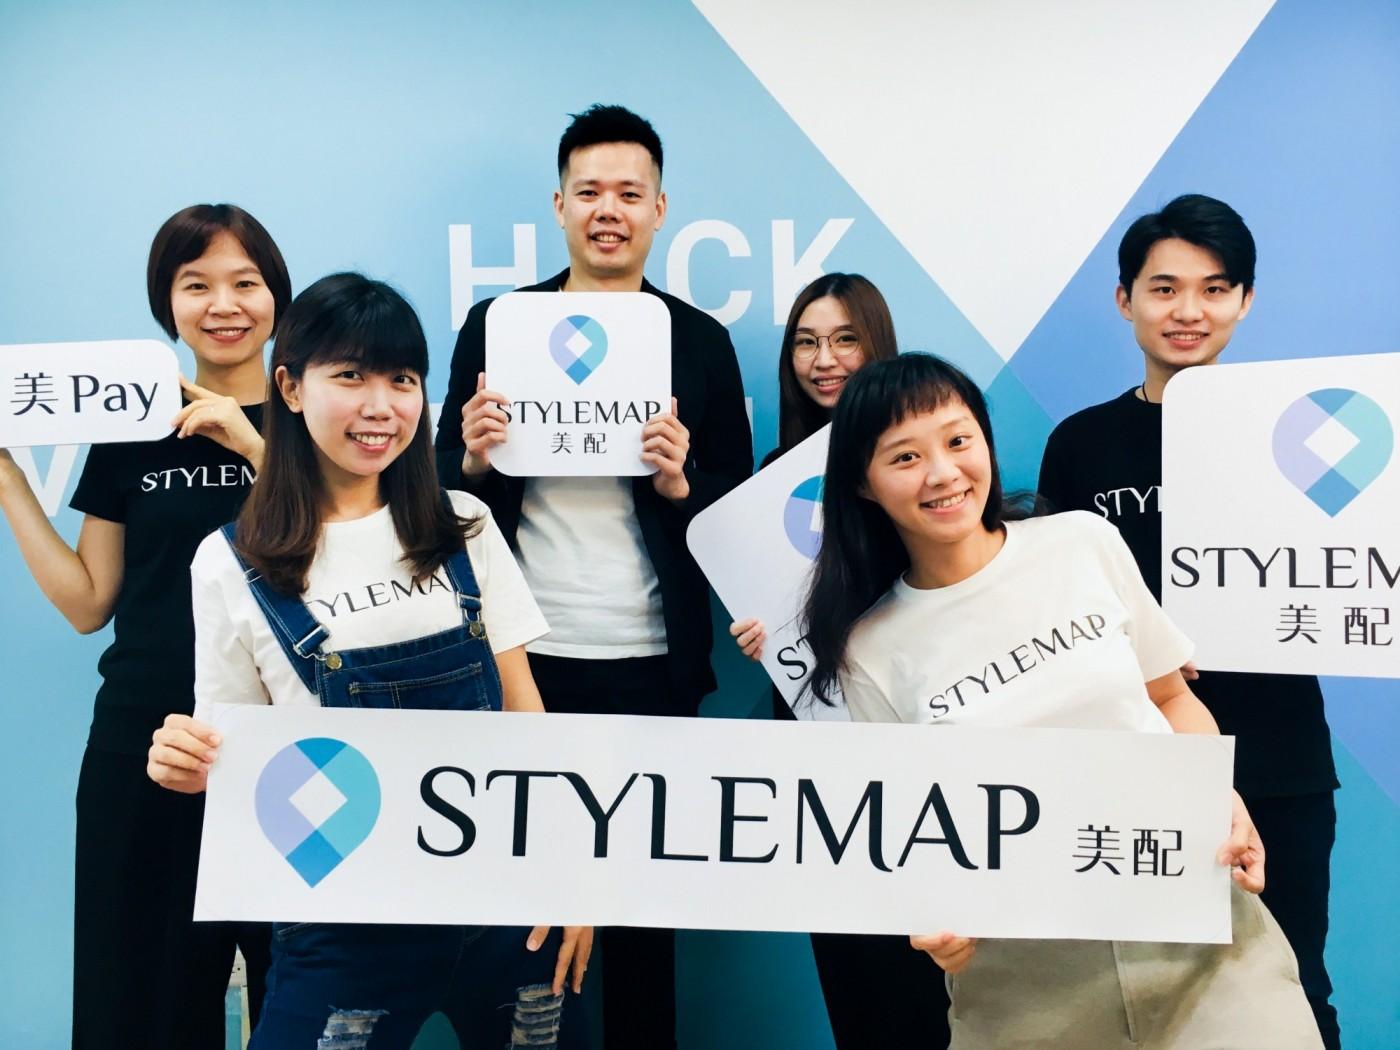 月平均媒合2萬次!髮型師預約平台StyleMap獲2千萬Pre-A輪募資,下一步要玩「Pay」